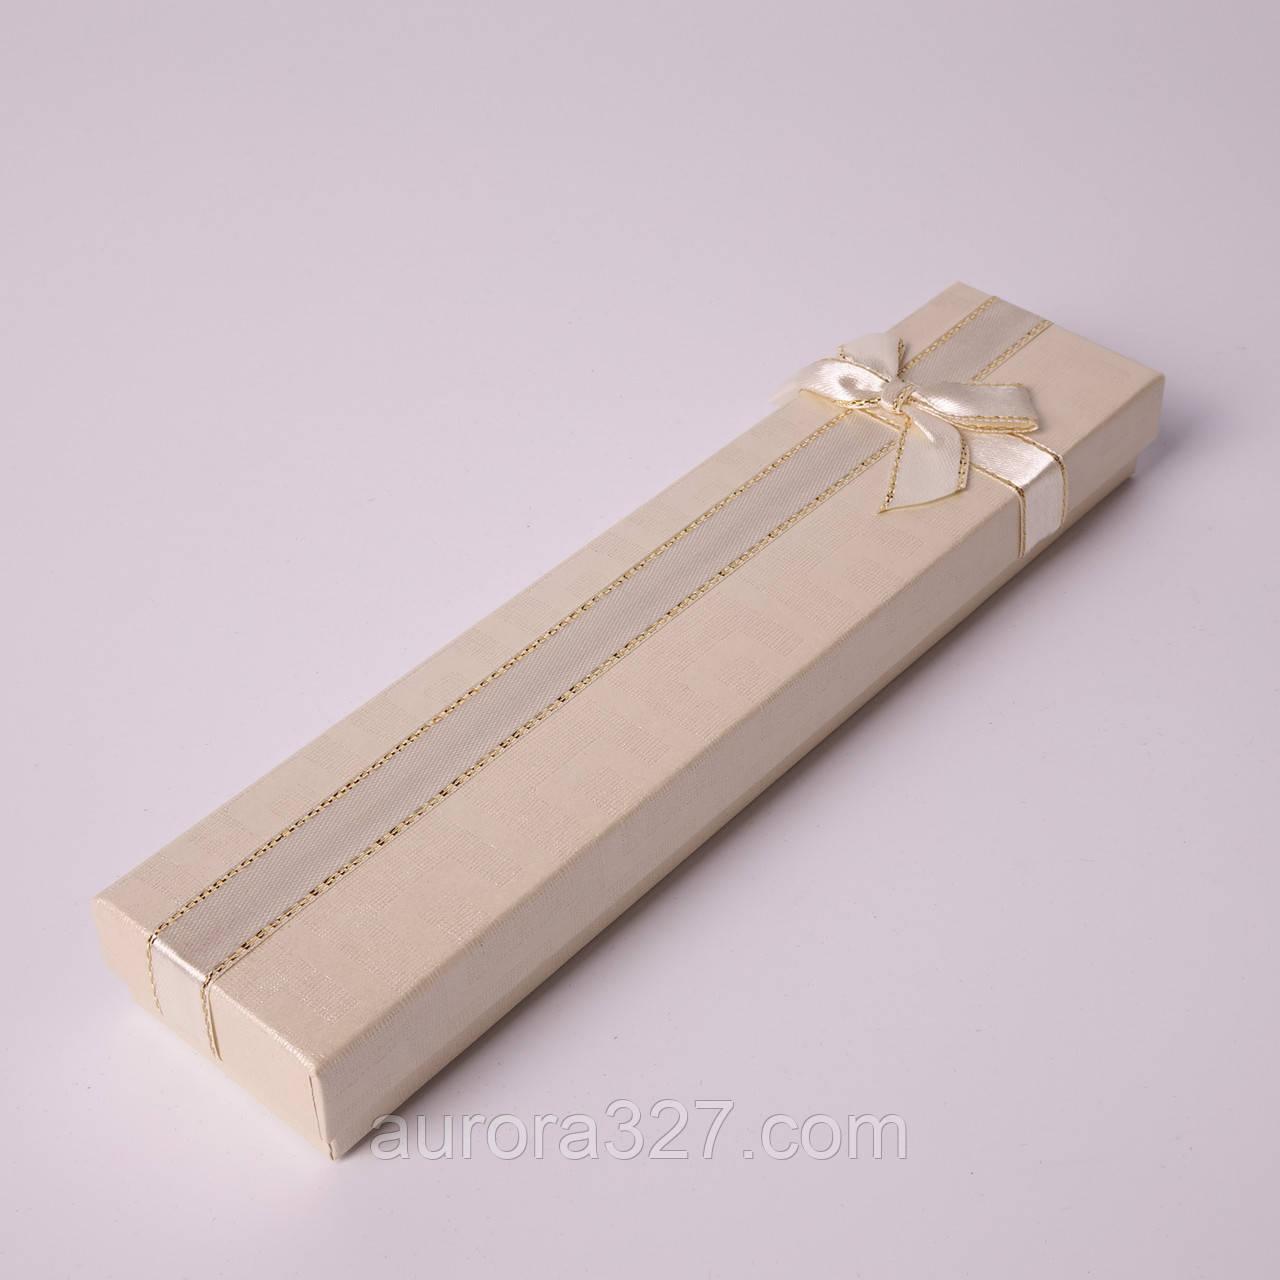 """Подарочная коробочка под браслет или цепочку """"Геометрия с бантом бежевая 20,5 х 4,5 х 2 см"""""""